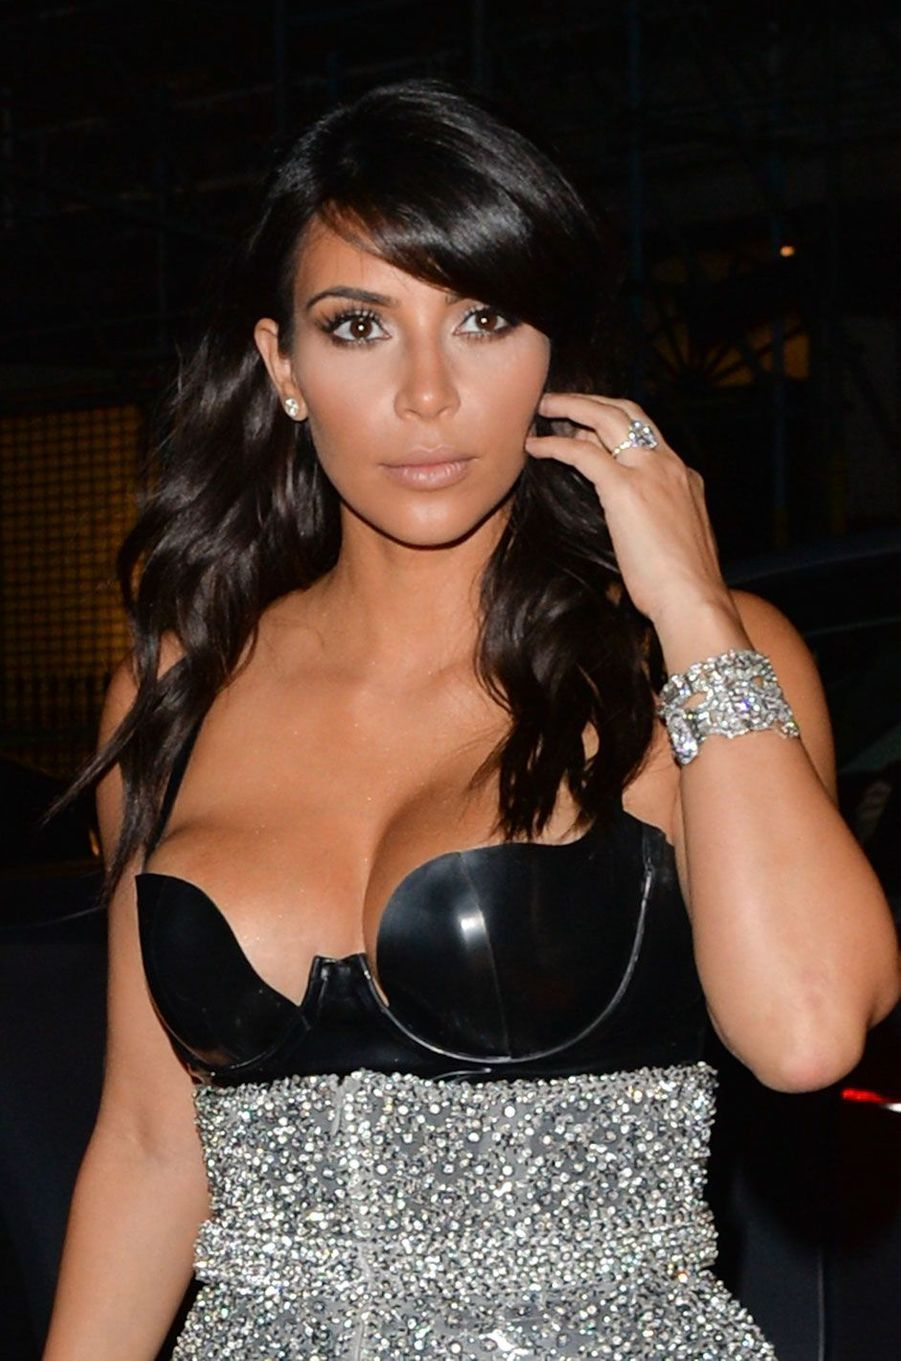 Kim Kardashian s'est fait voler pour 10 millions d'euros de bijoux alors qu'elle était à Paris pour la Fashion Week